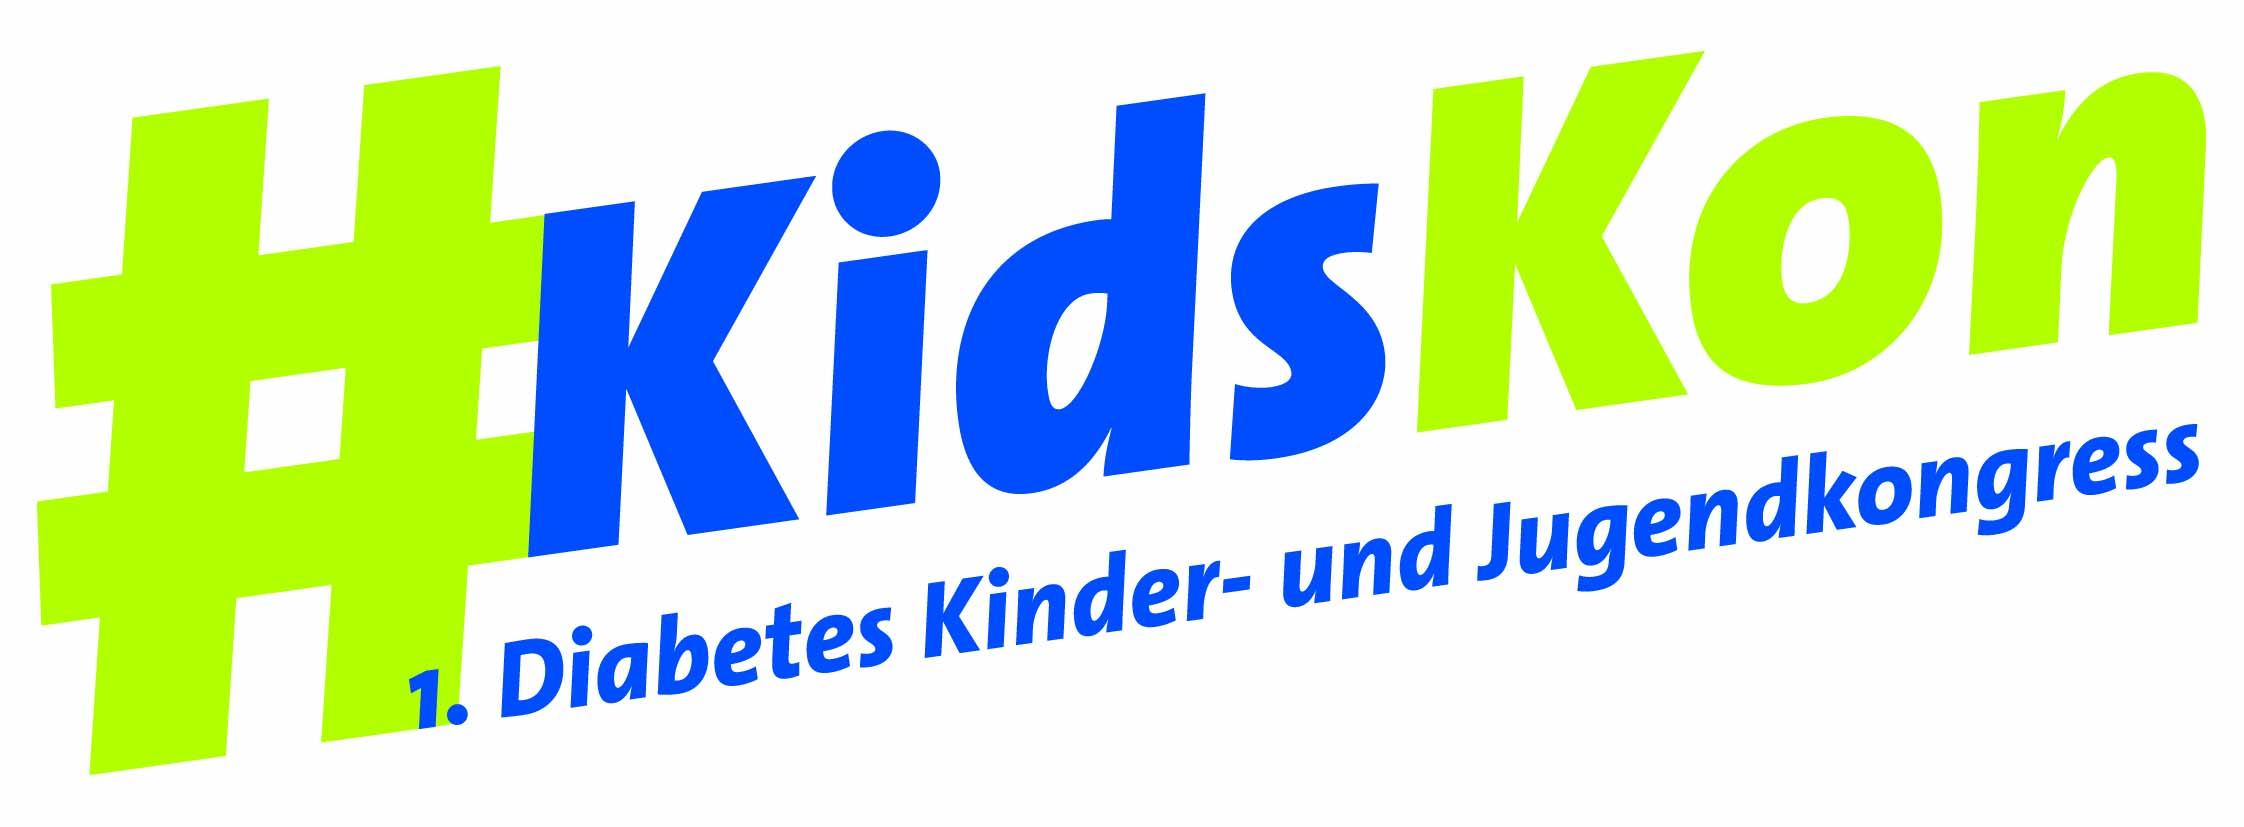 Kidskon